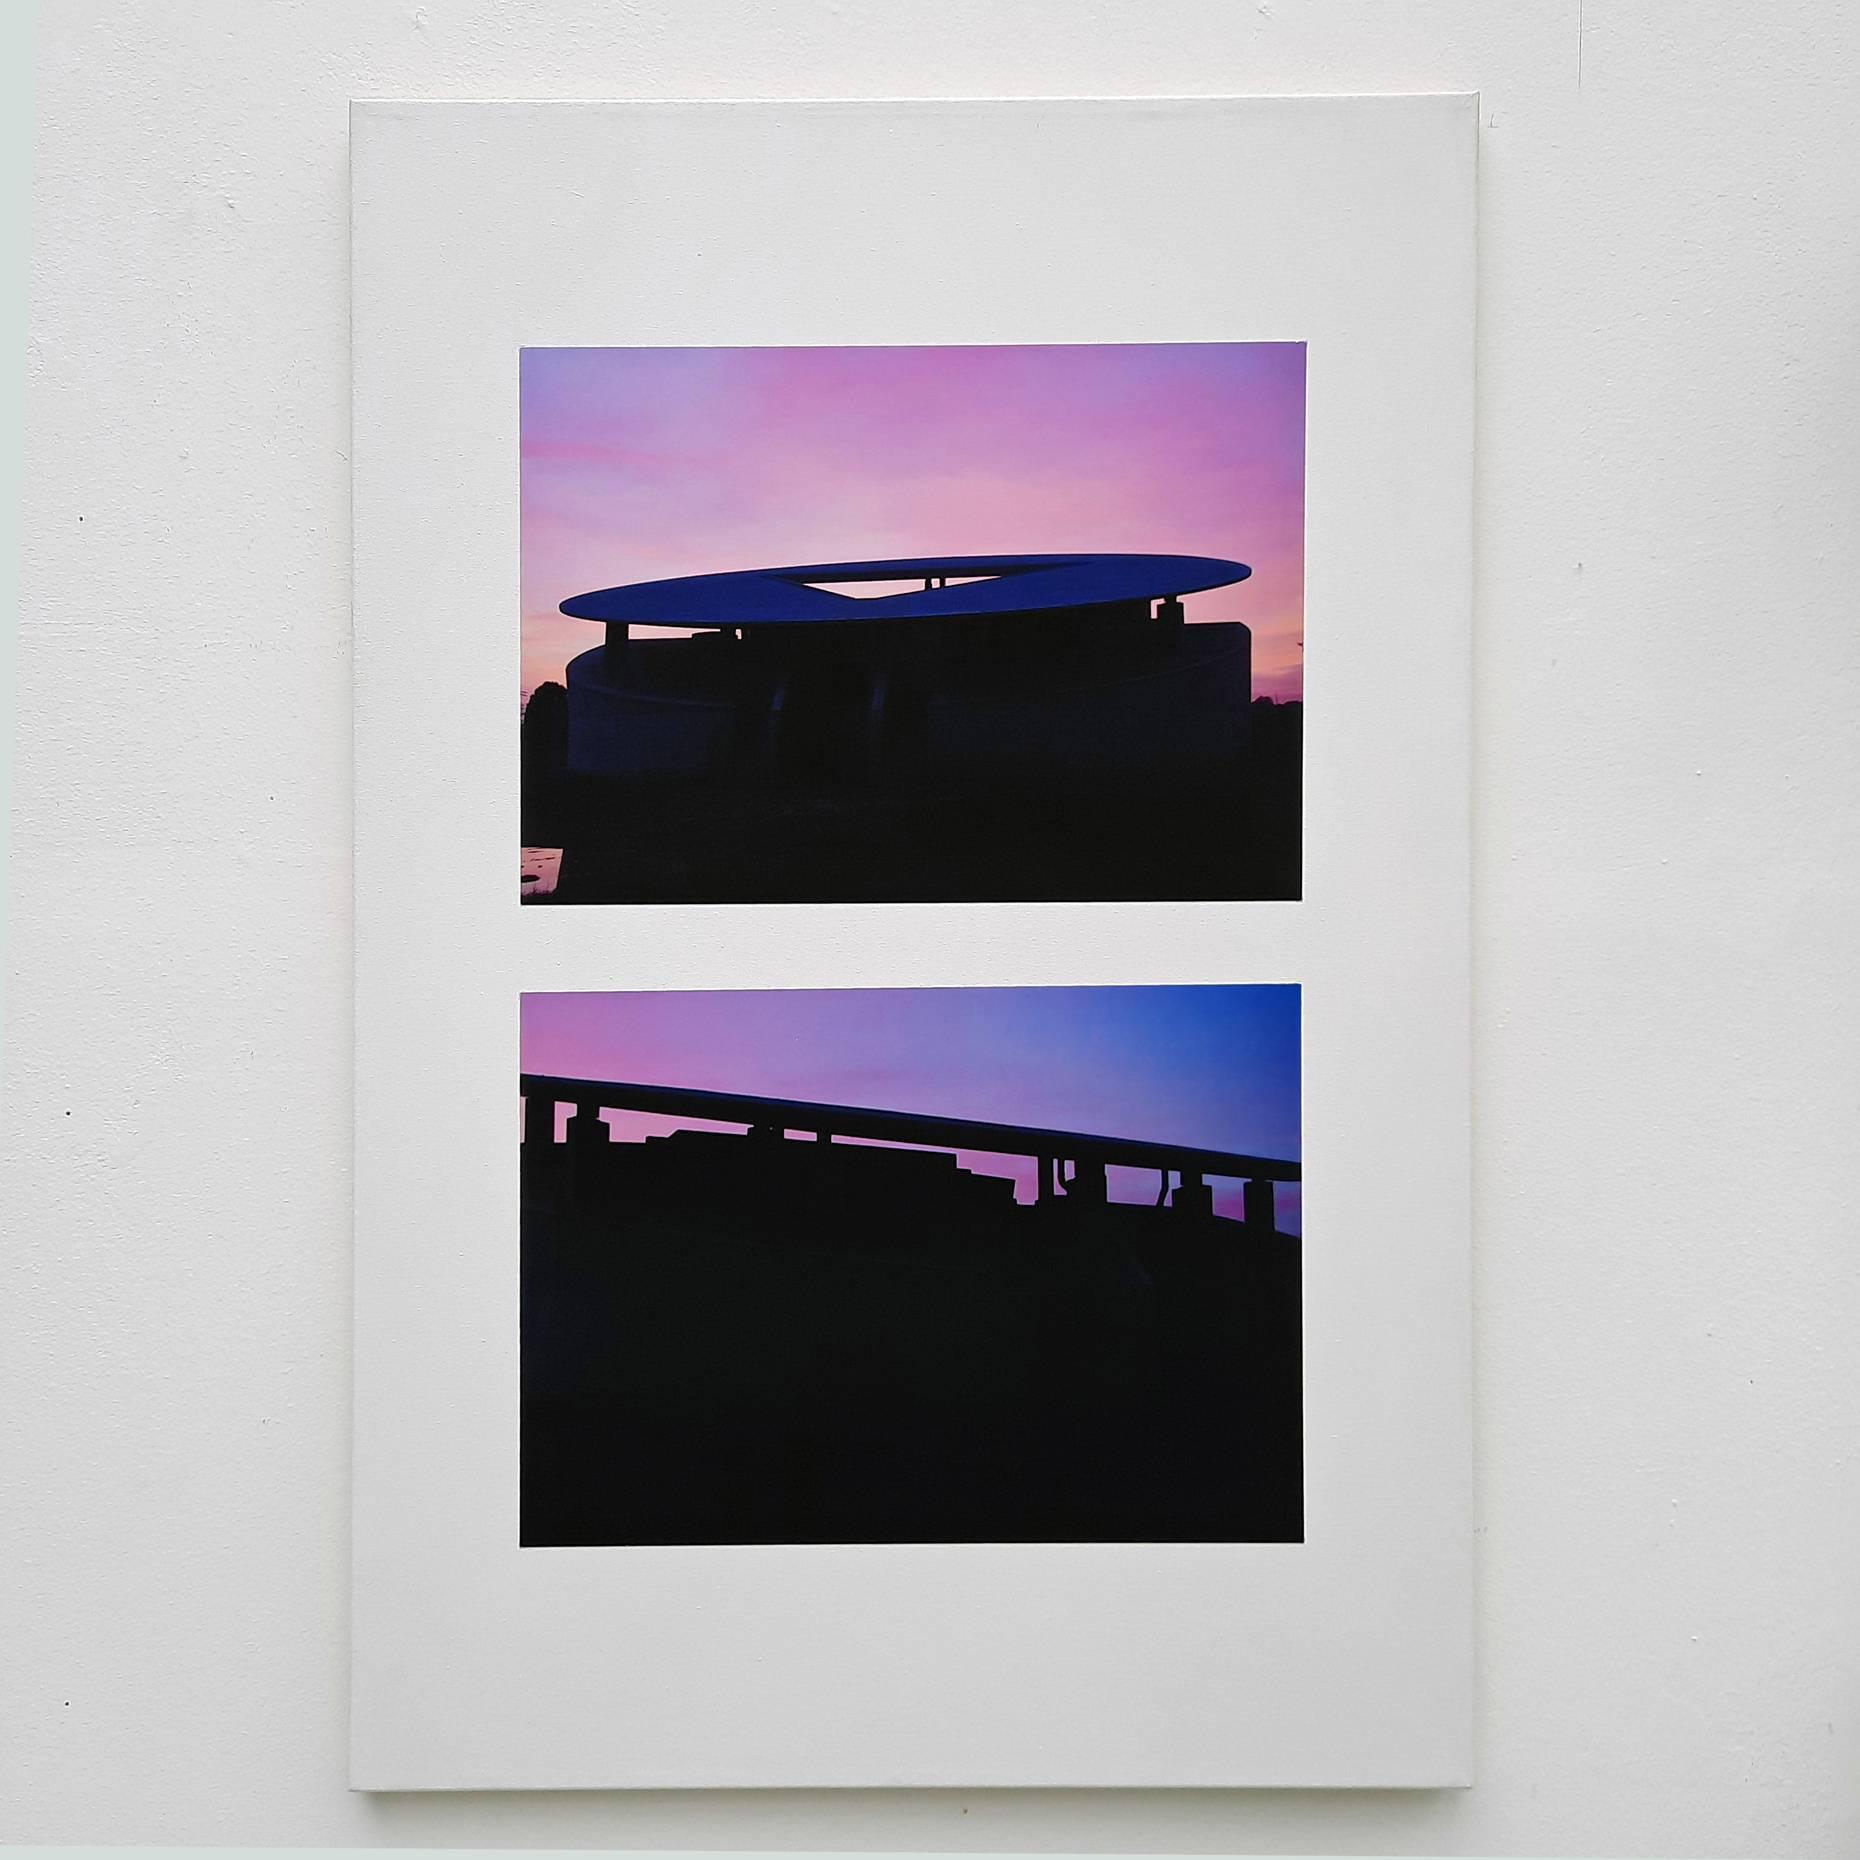 Haus für Musiker 2010-17 2 Fotografien Ultrachrome K3 Tinte a/Canson Infinity 210g/qm aufkaschiert a/Leinwand 90 x 60 cm